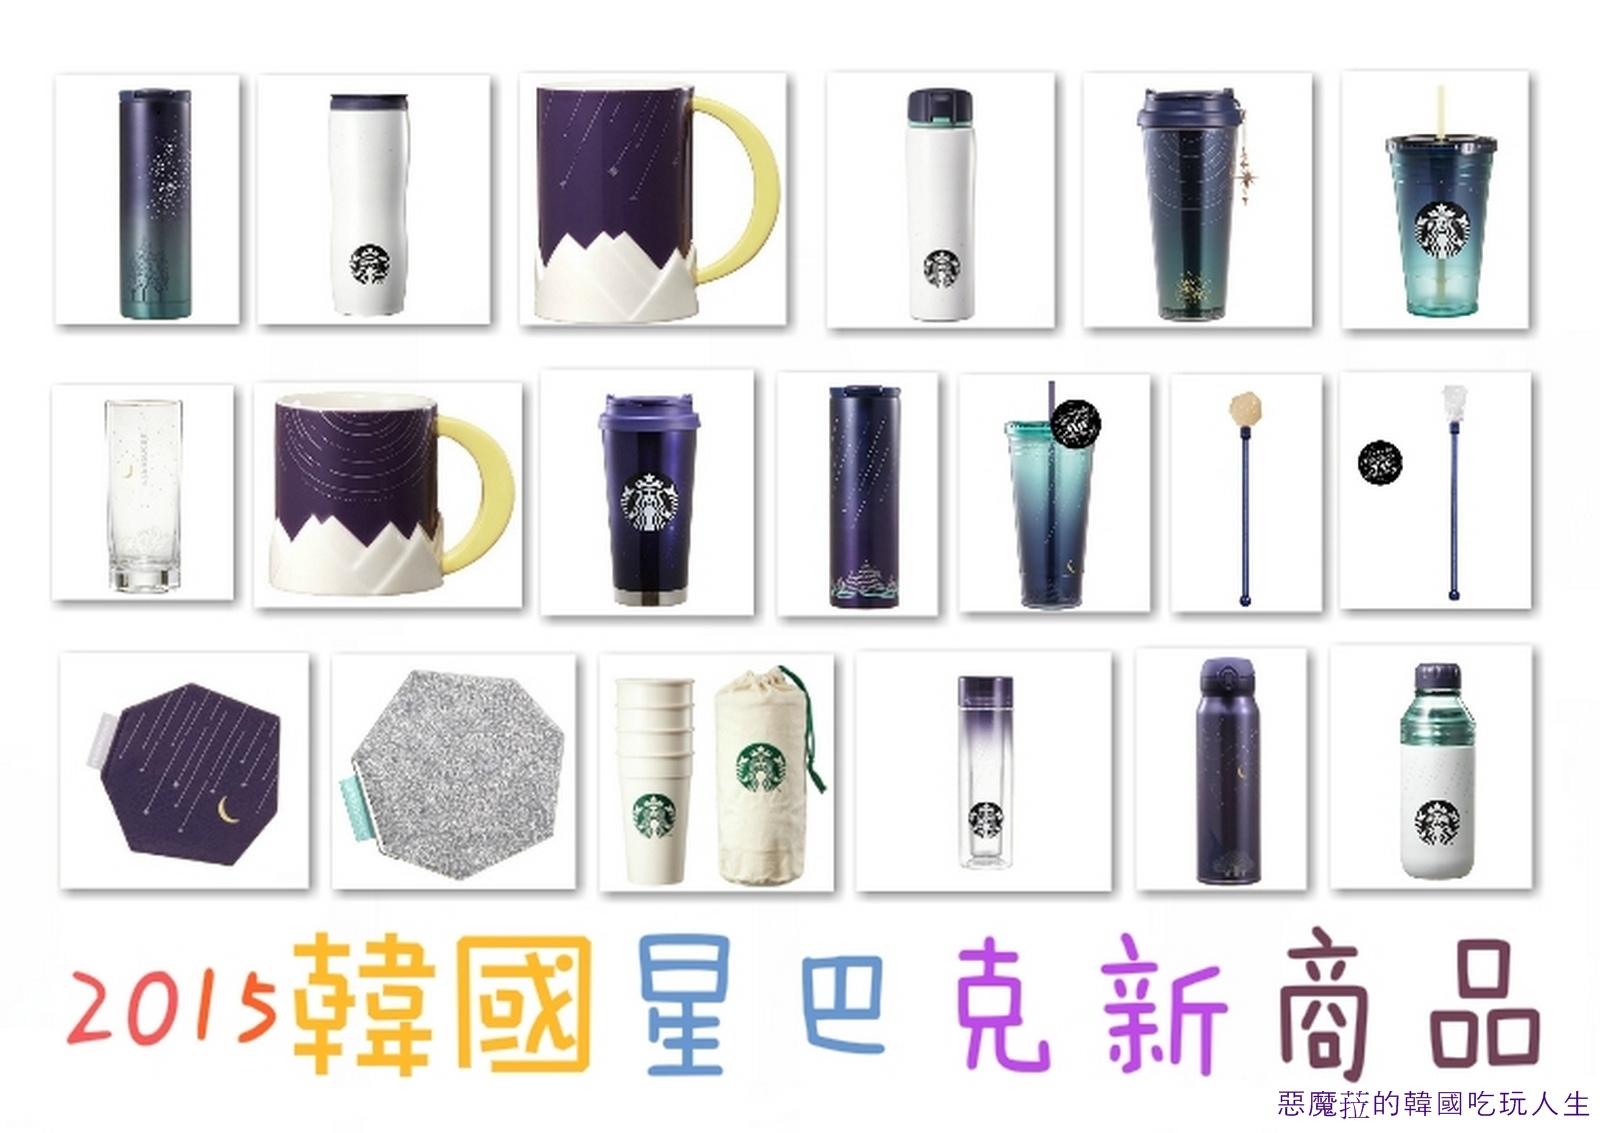 韓國│星巴克2015年8月新商品